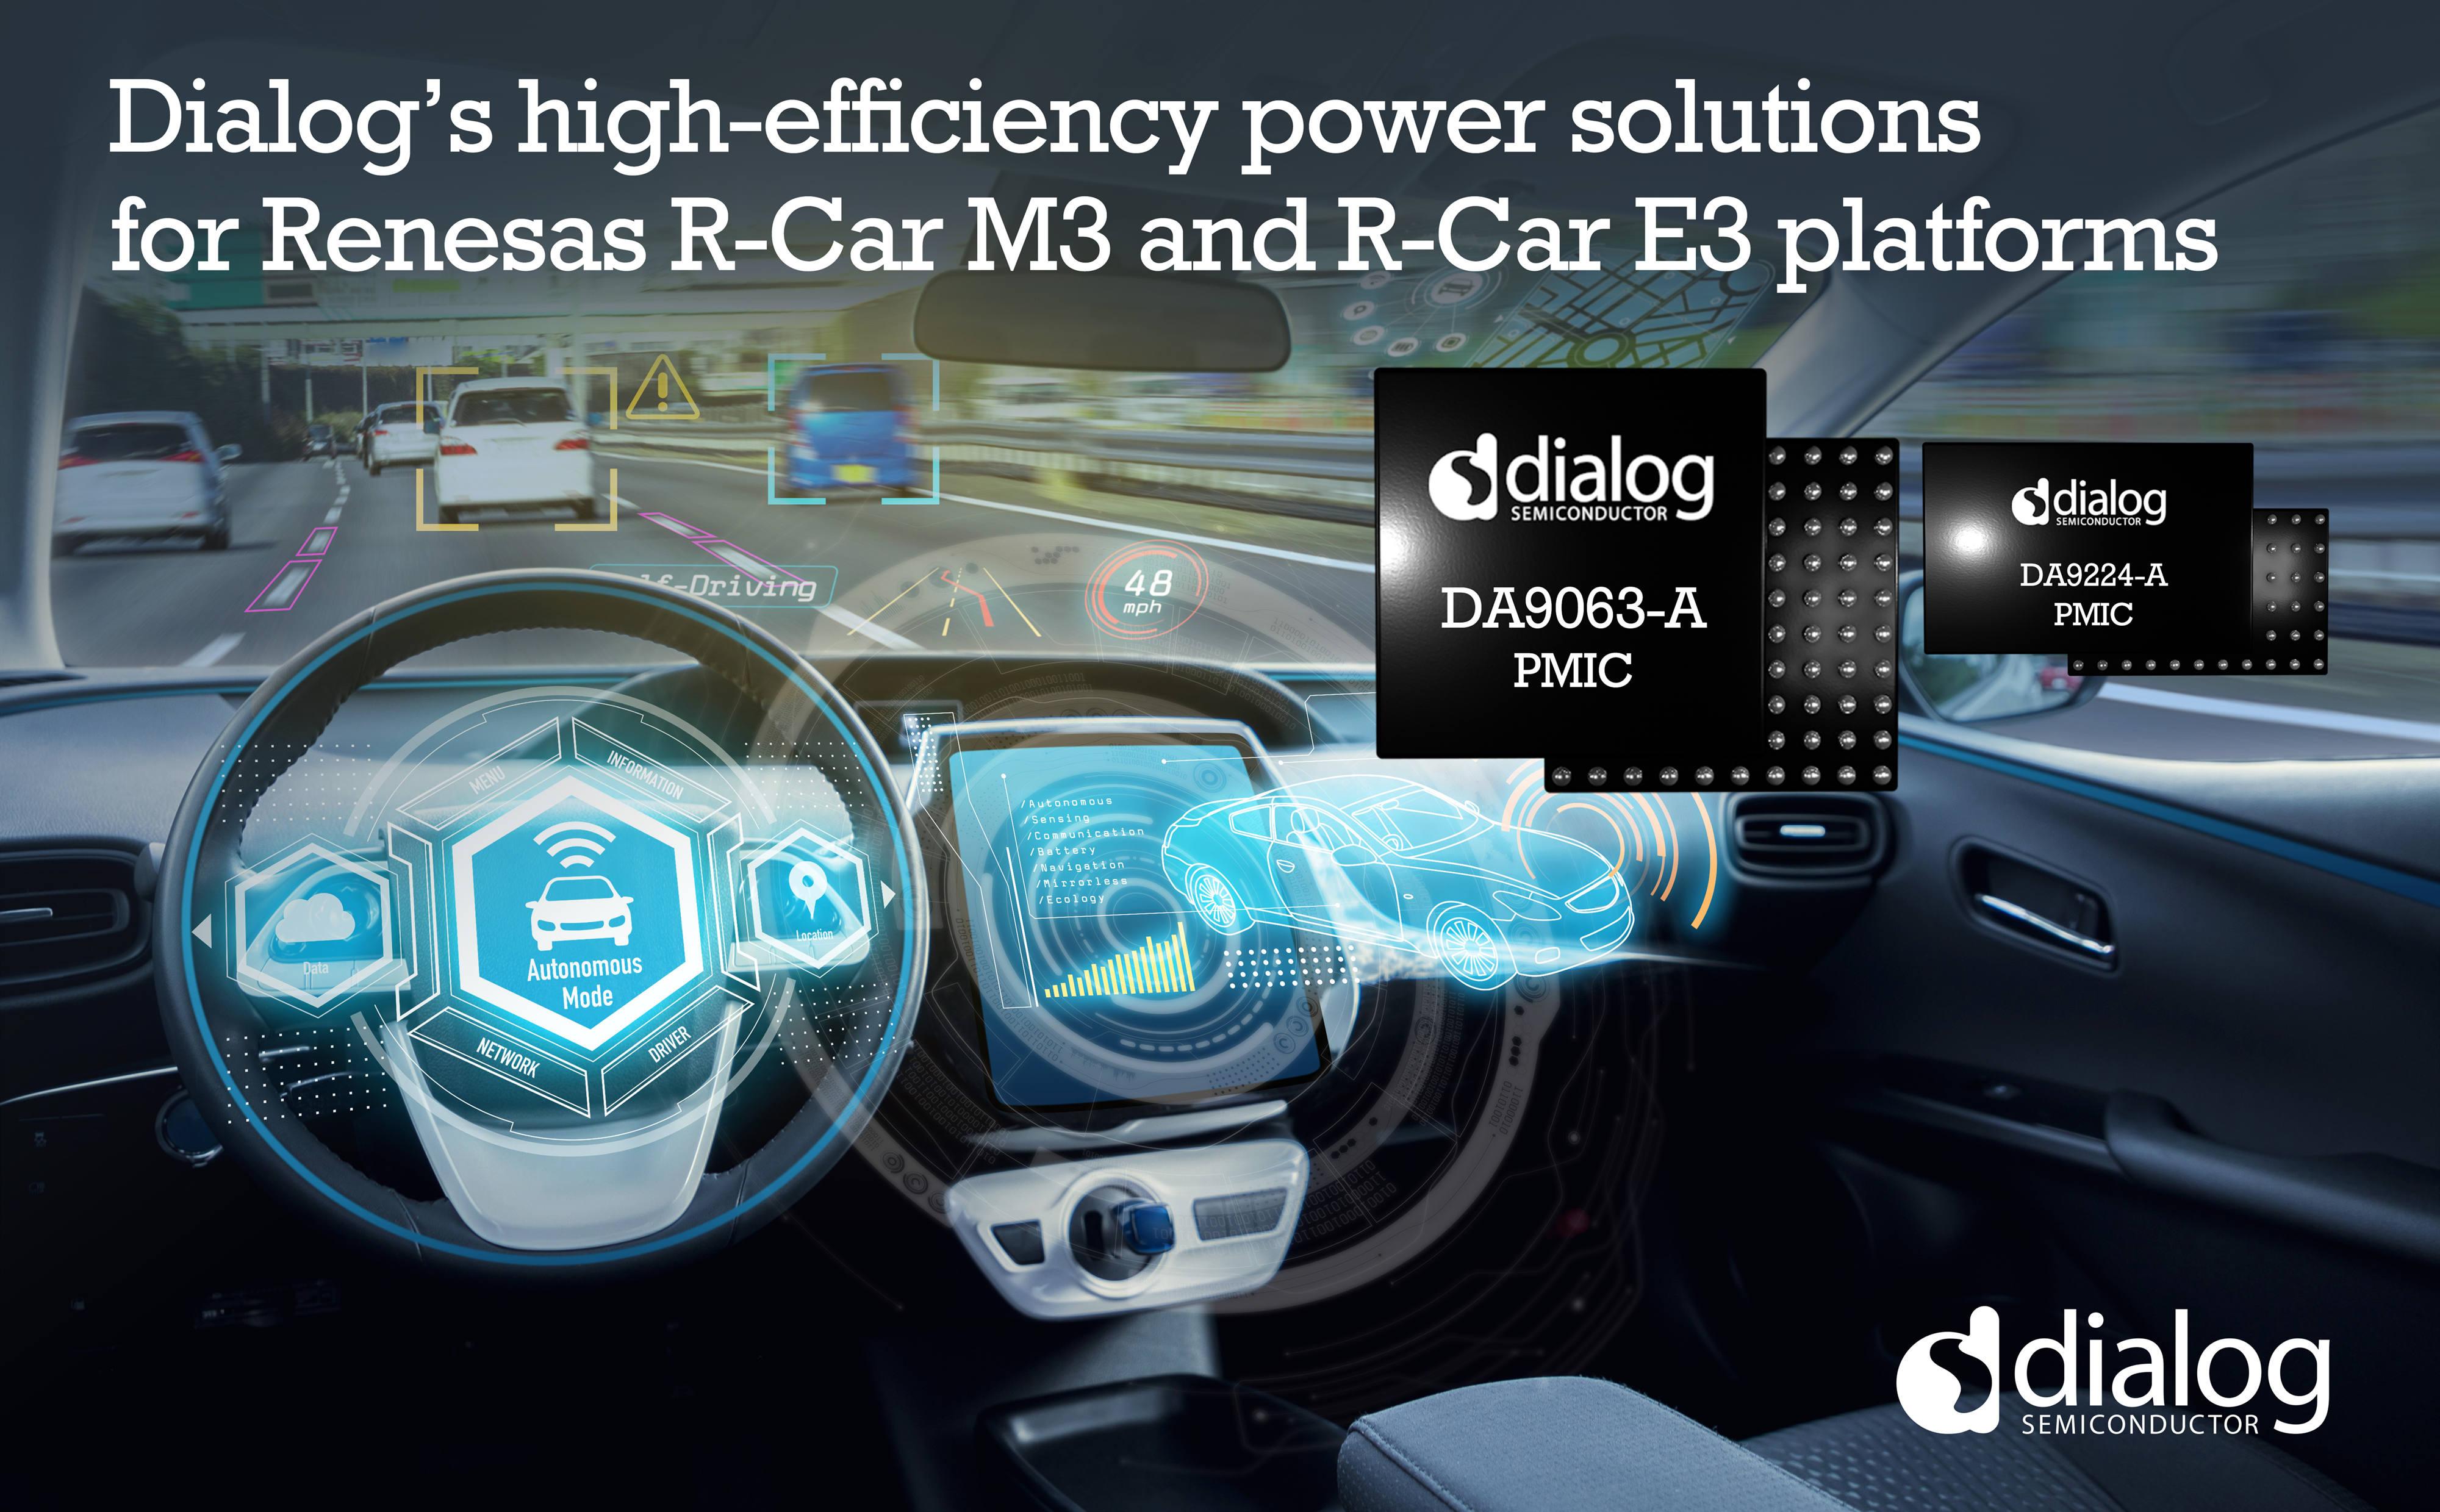 Dialog作为瑞萨汽车平台优选电源解决方案供应商,进一步扩展双方合作